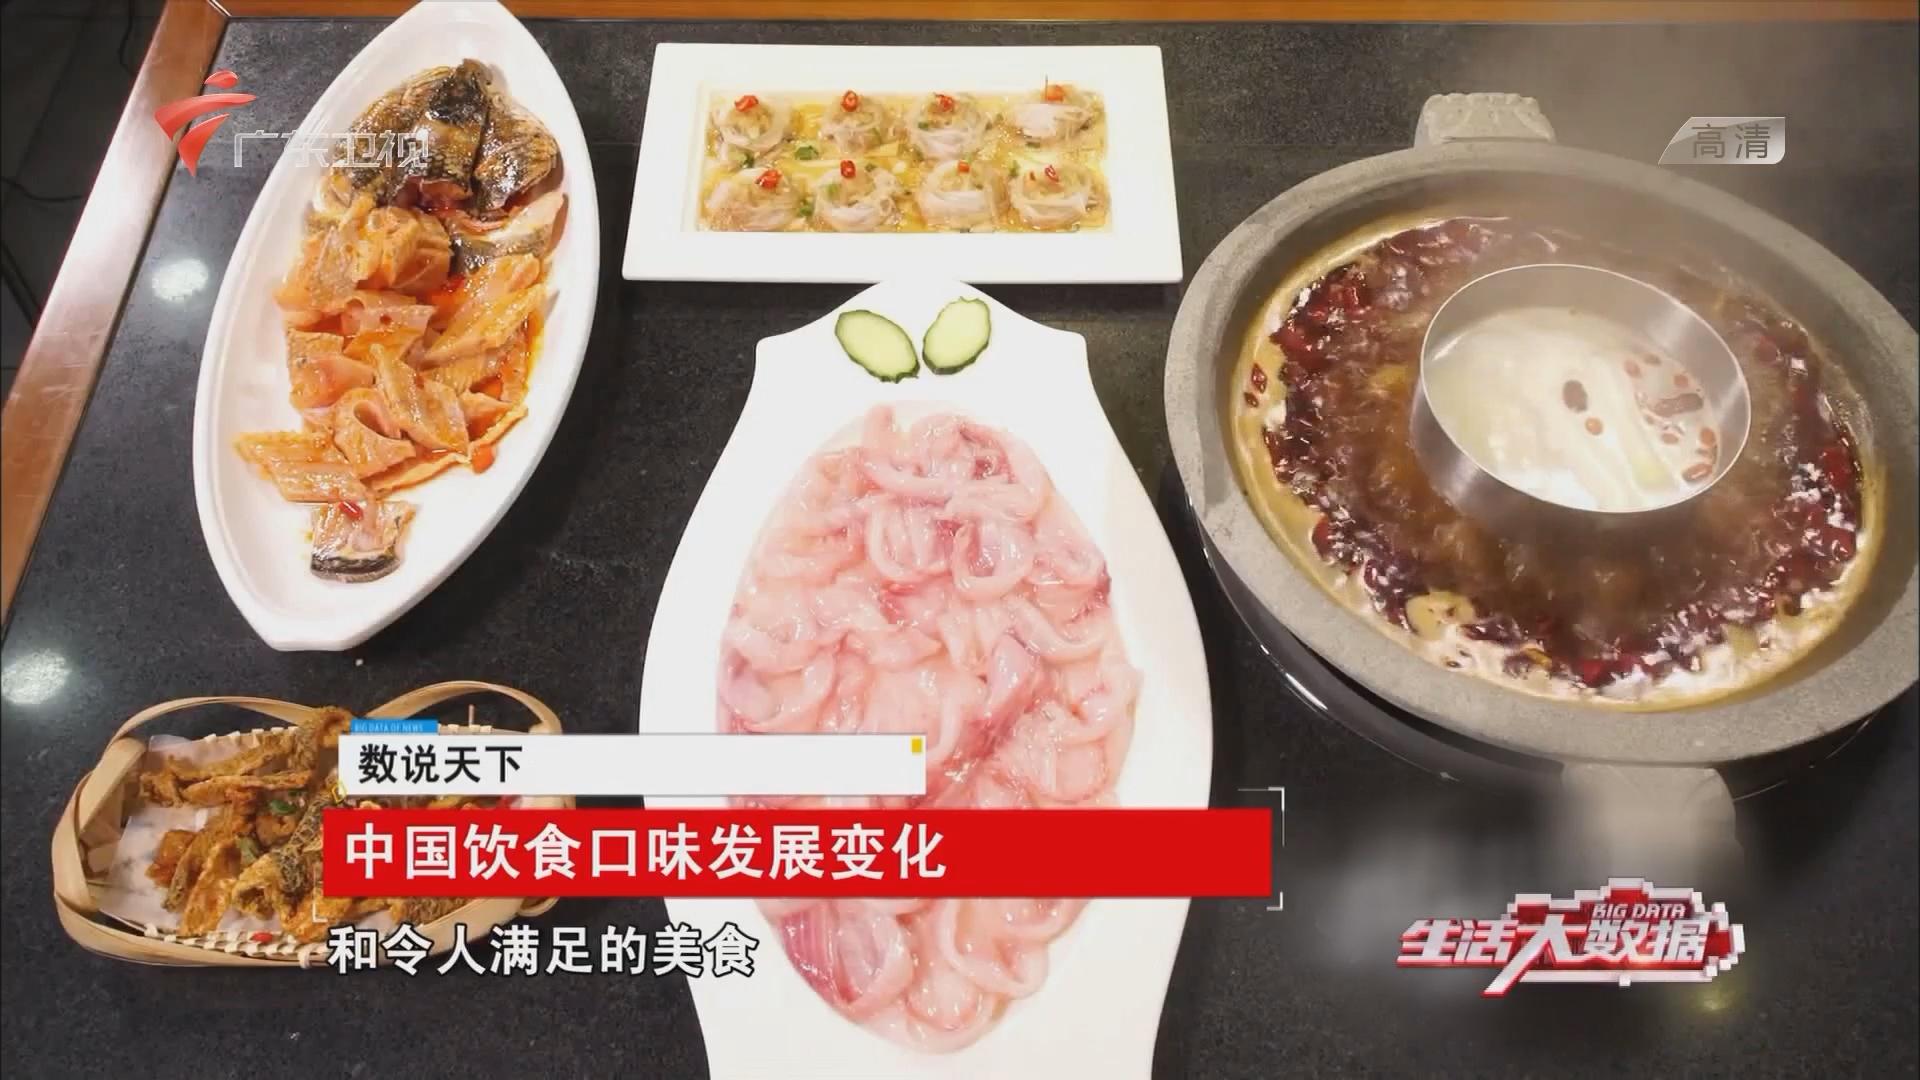 中国饮食口味发展变化